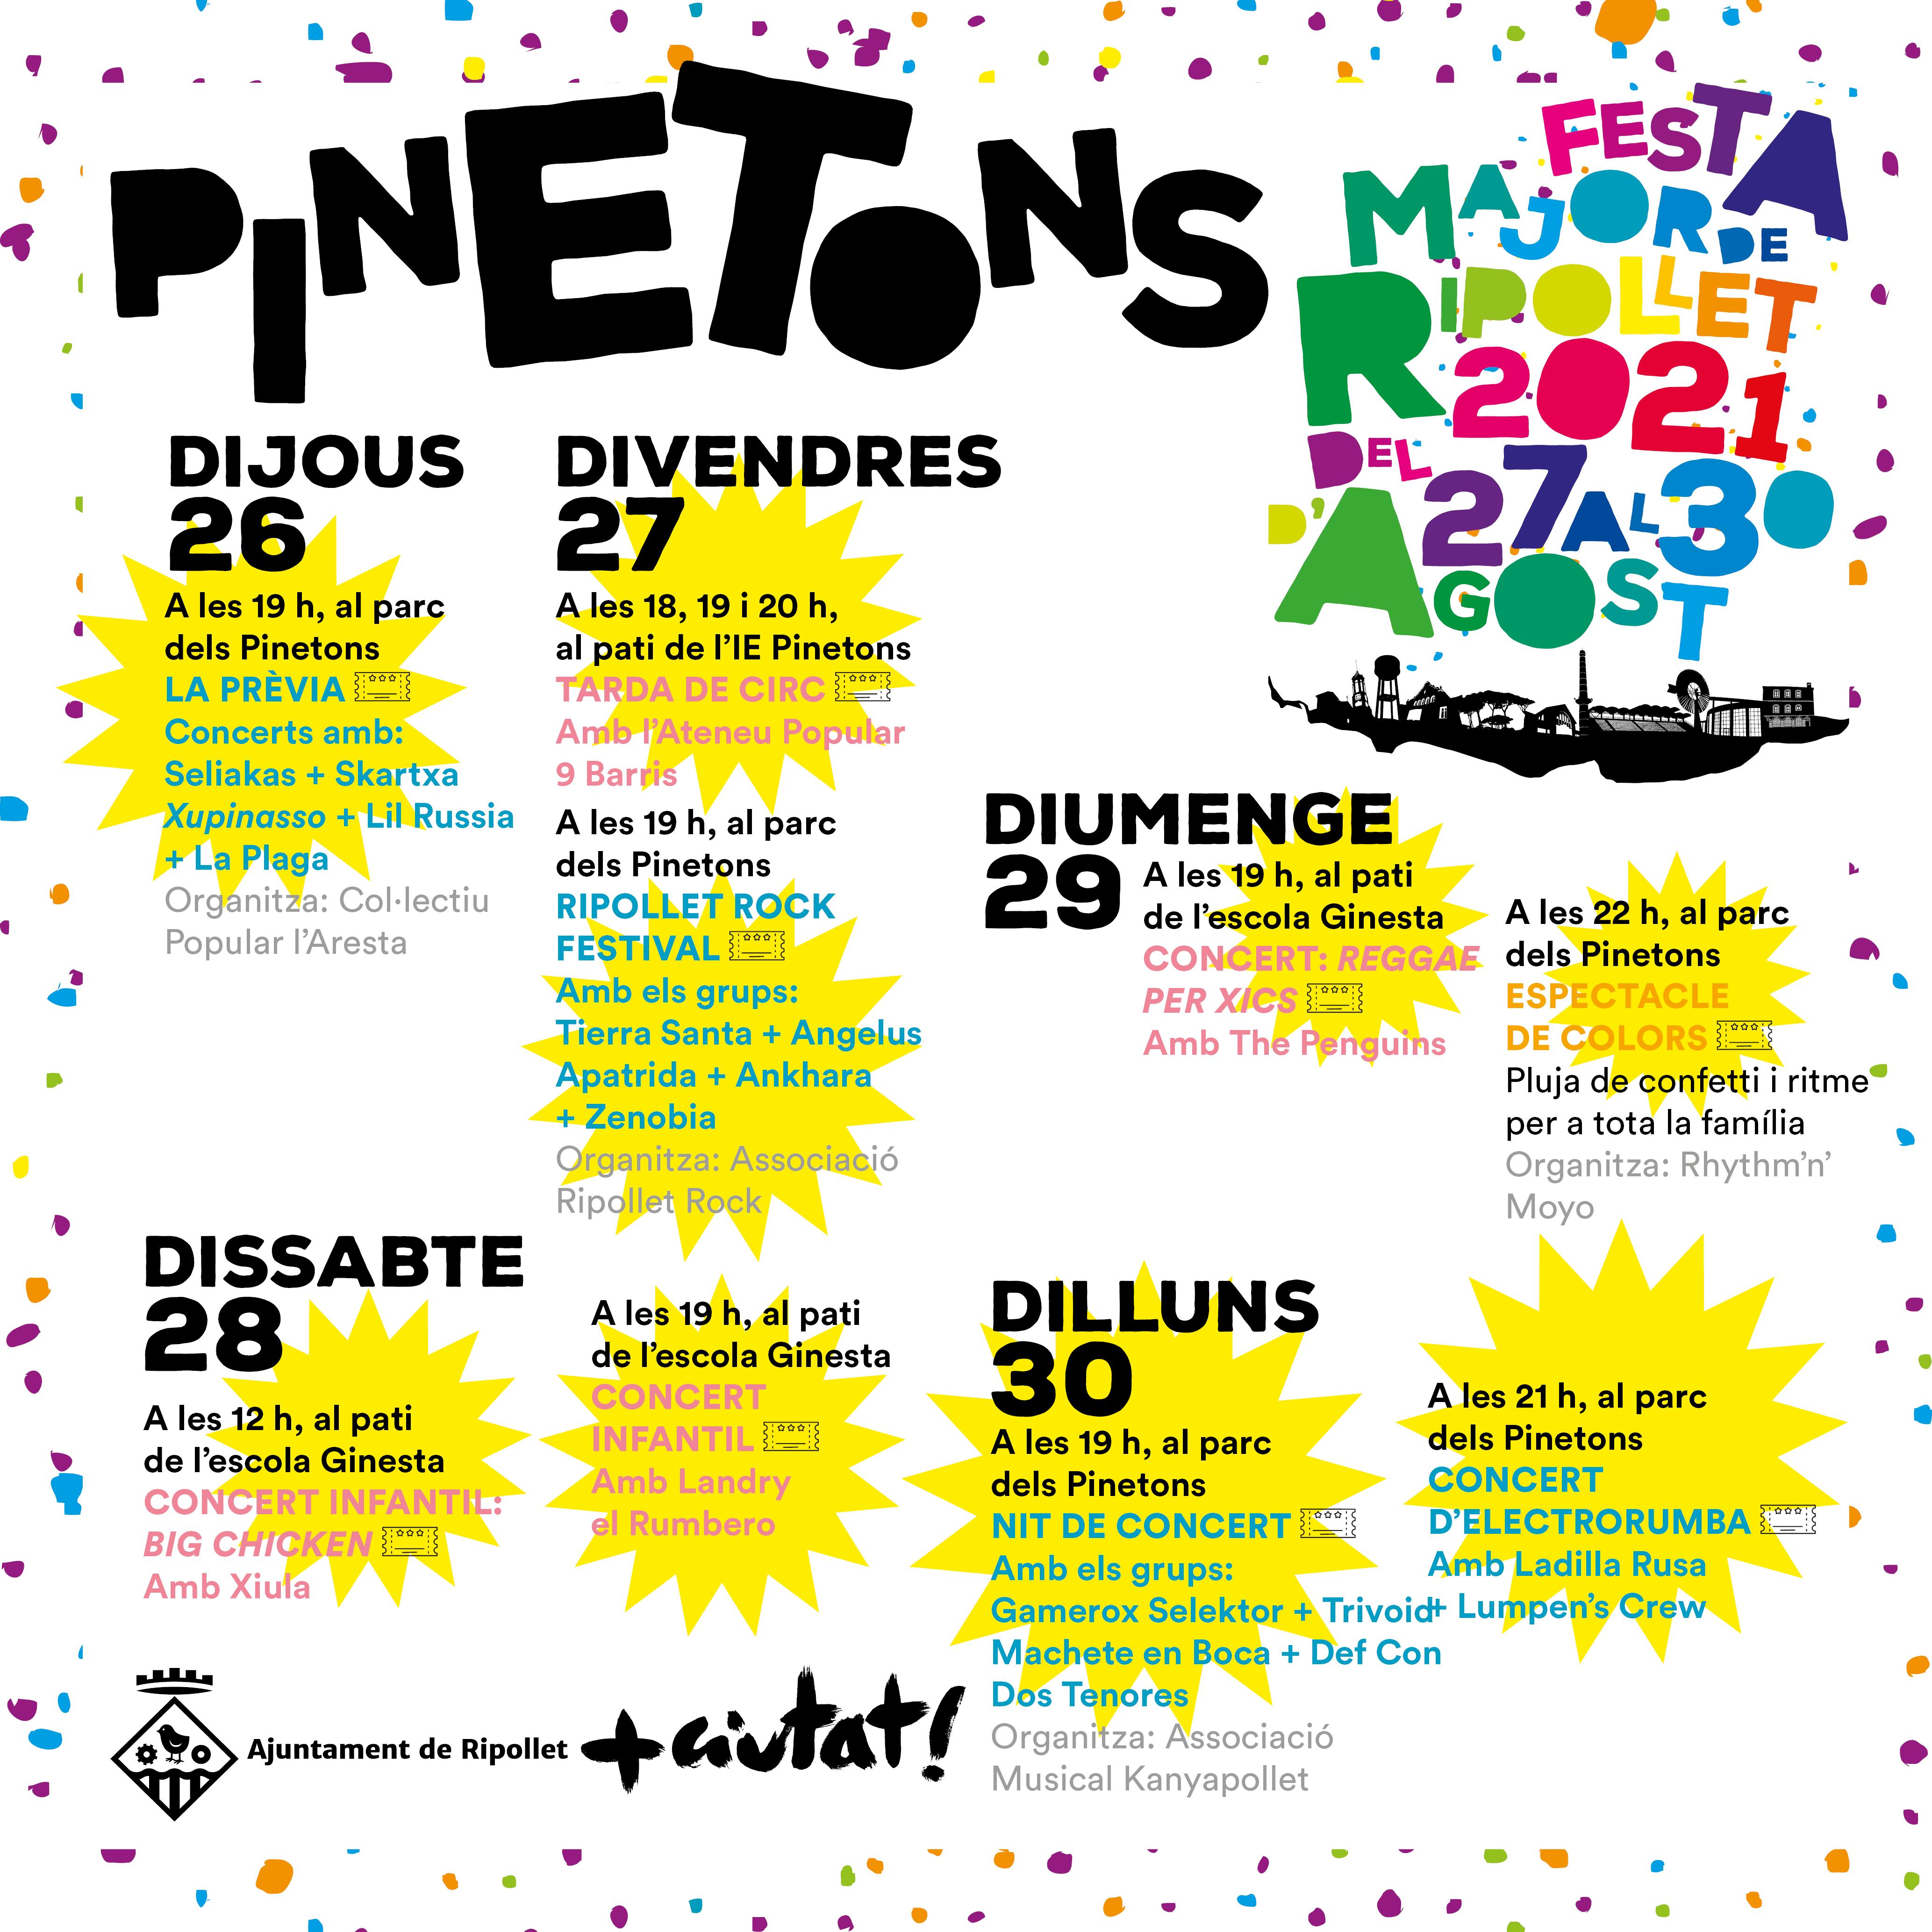 Actes destacats de la Festa Major 2021 a Pinetons